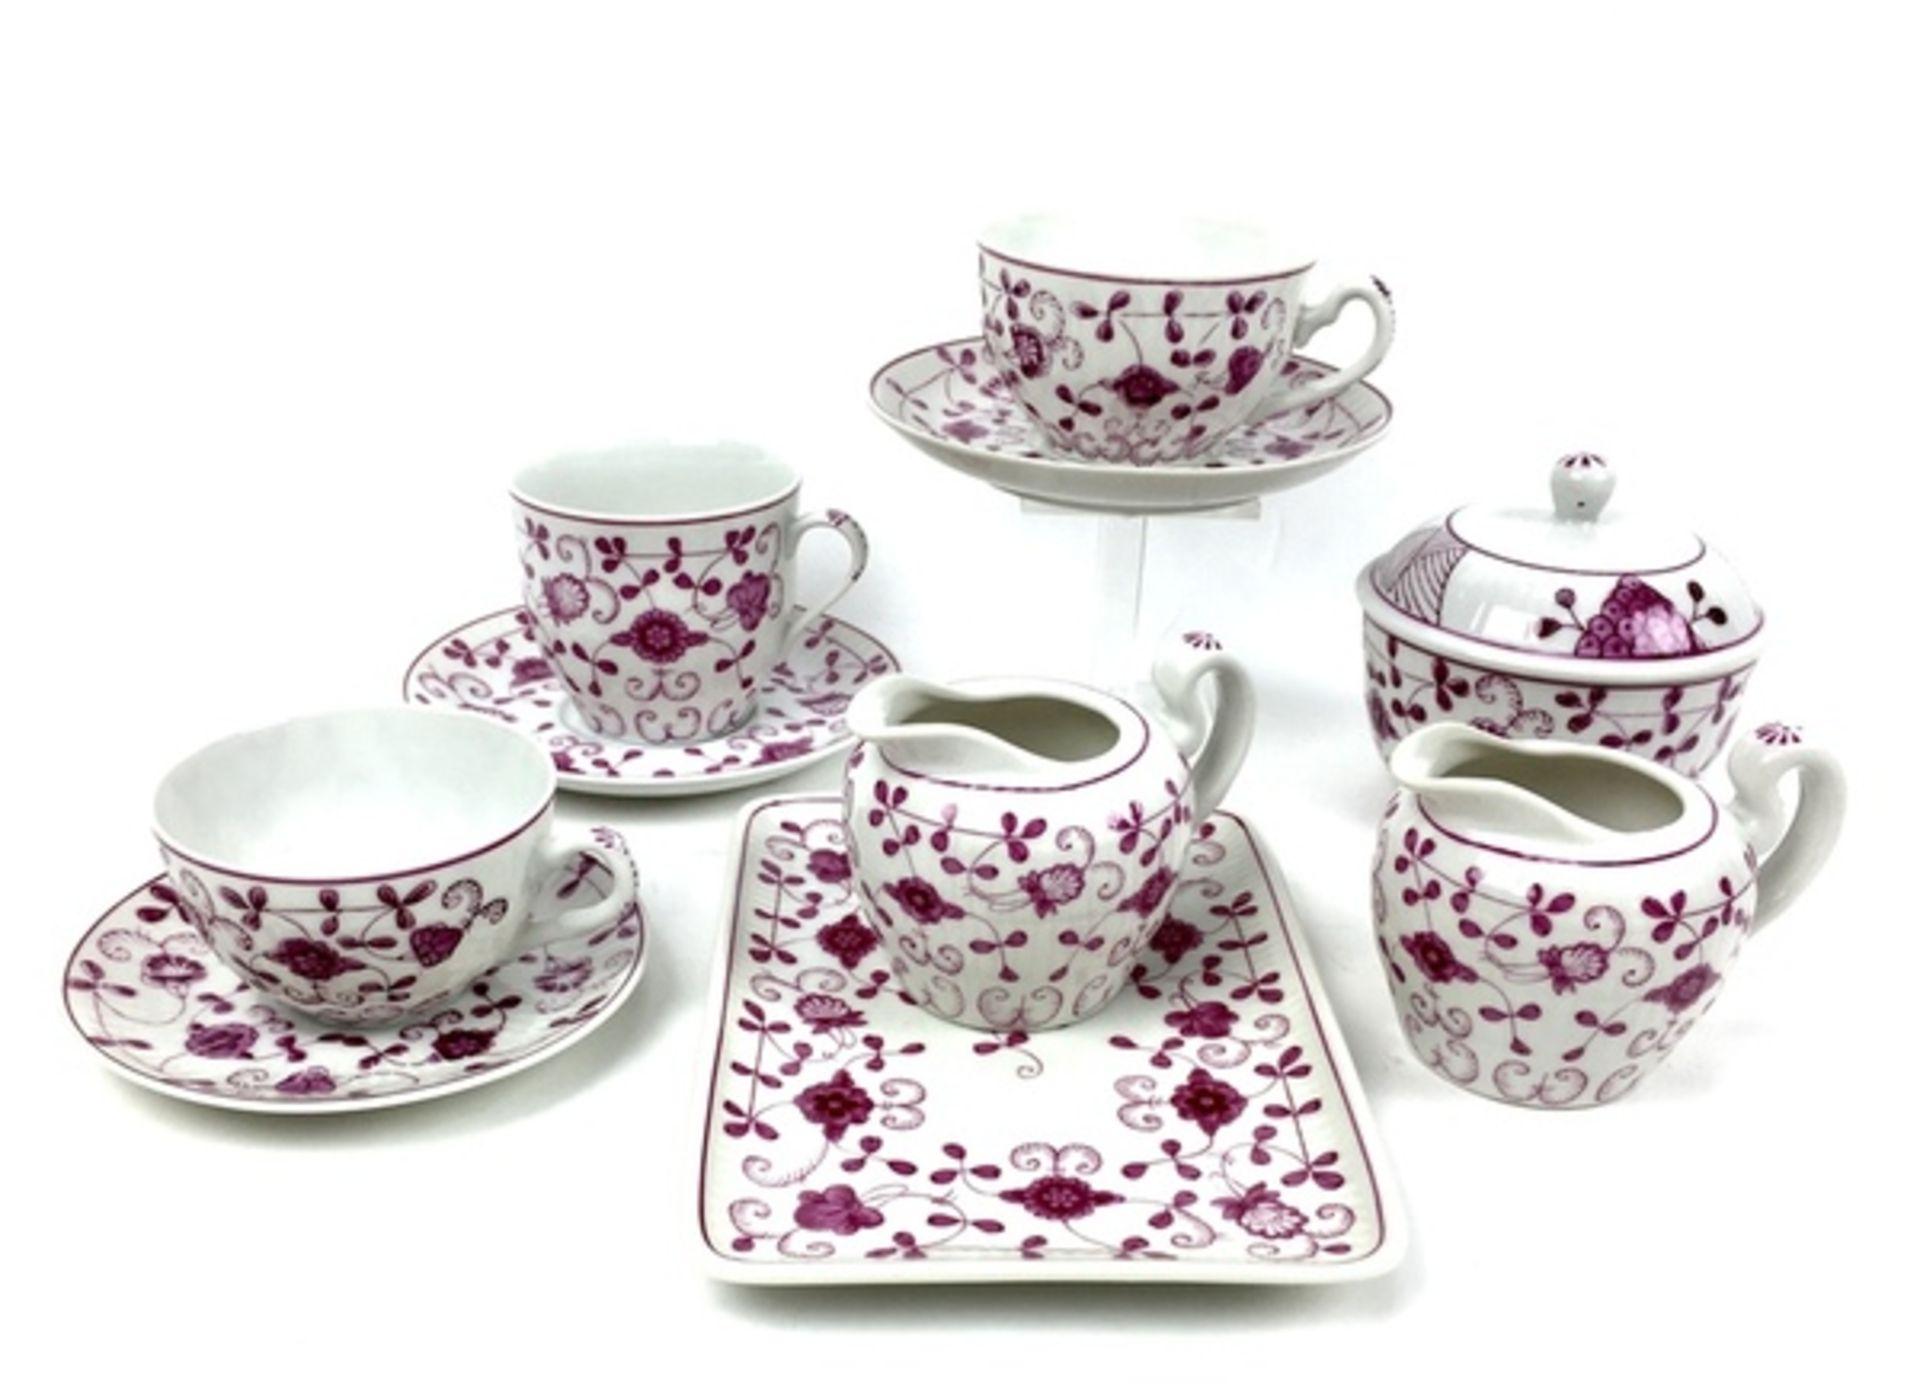 (Curiosa) Koffie-en thee servies August WarneckeKoffie-en theeservies waaronder serveerborden, - Image 5 of 8